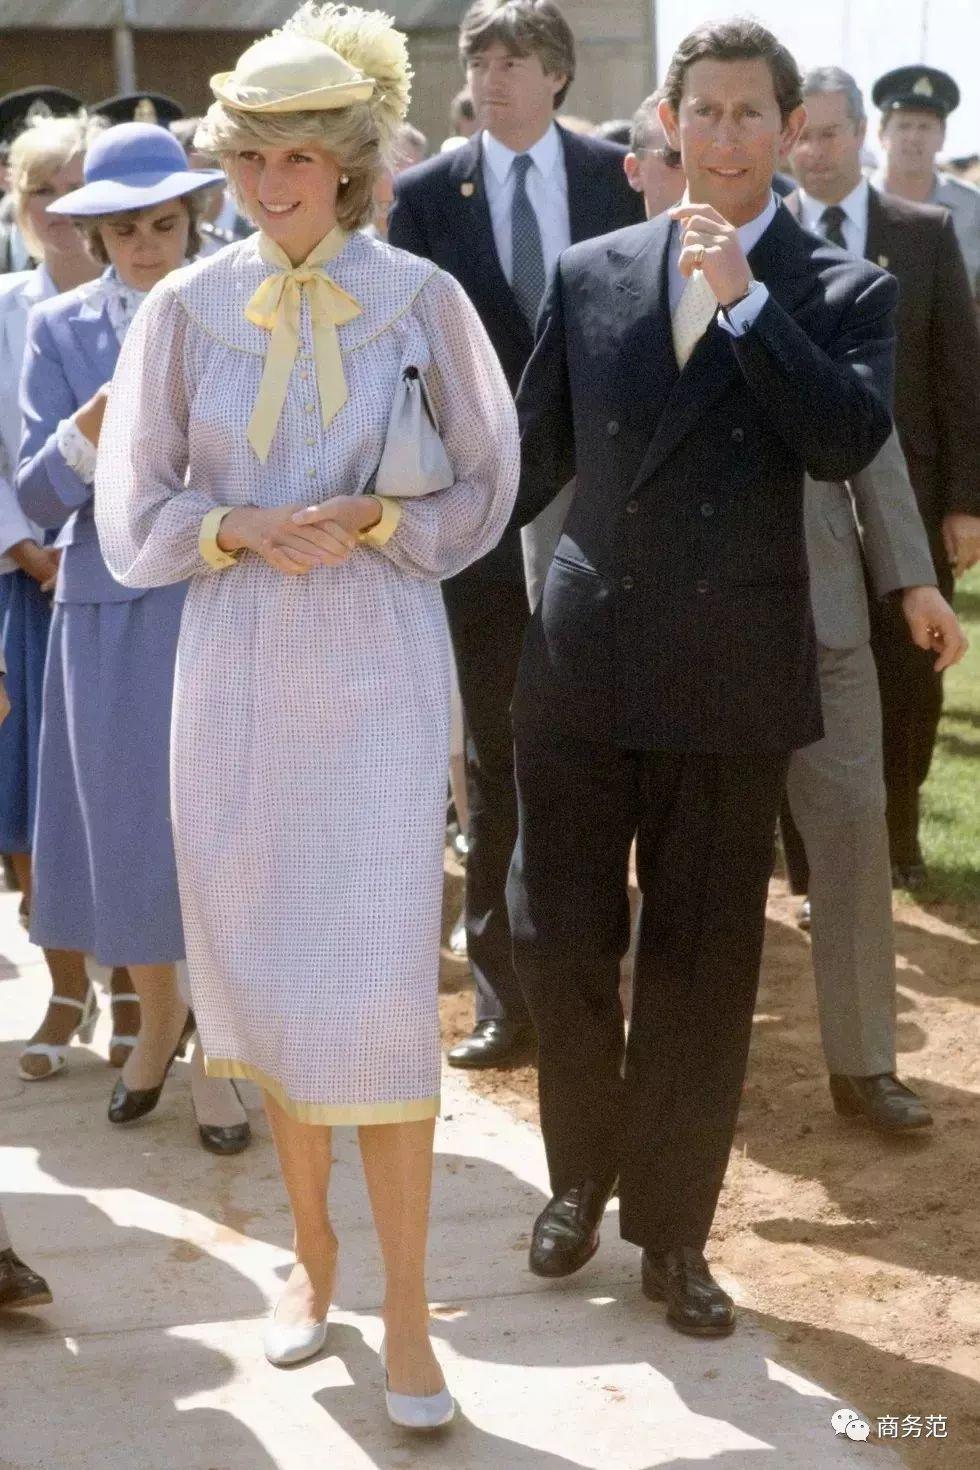 70岁查尔斯王子太能打,衣品比威廉高出好几个哈里...